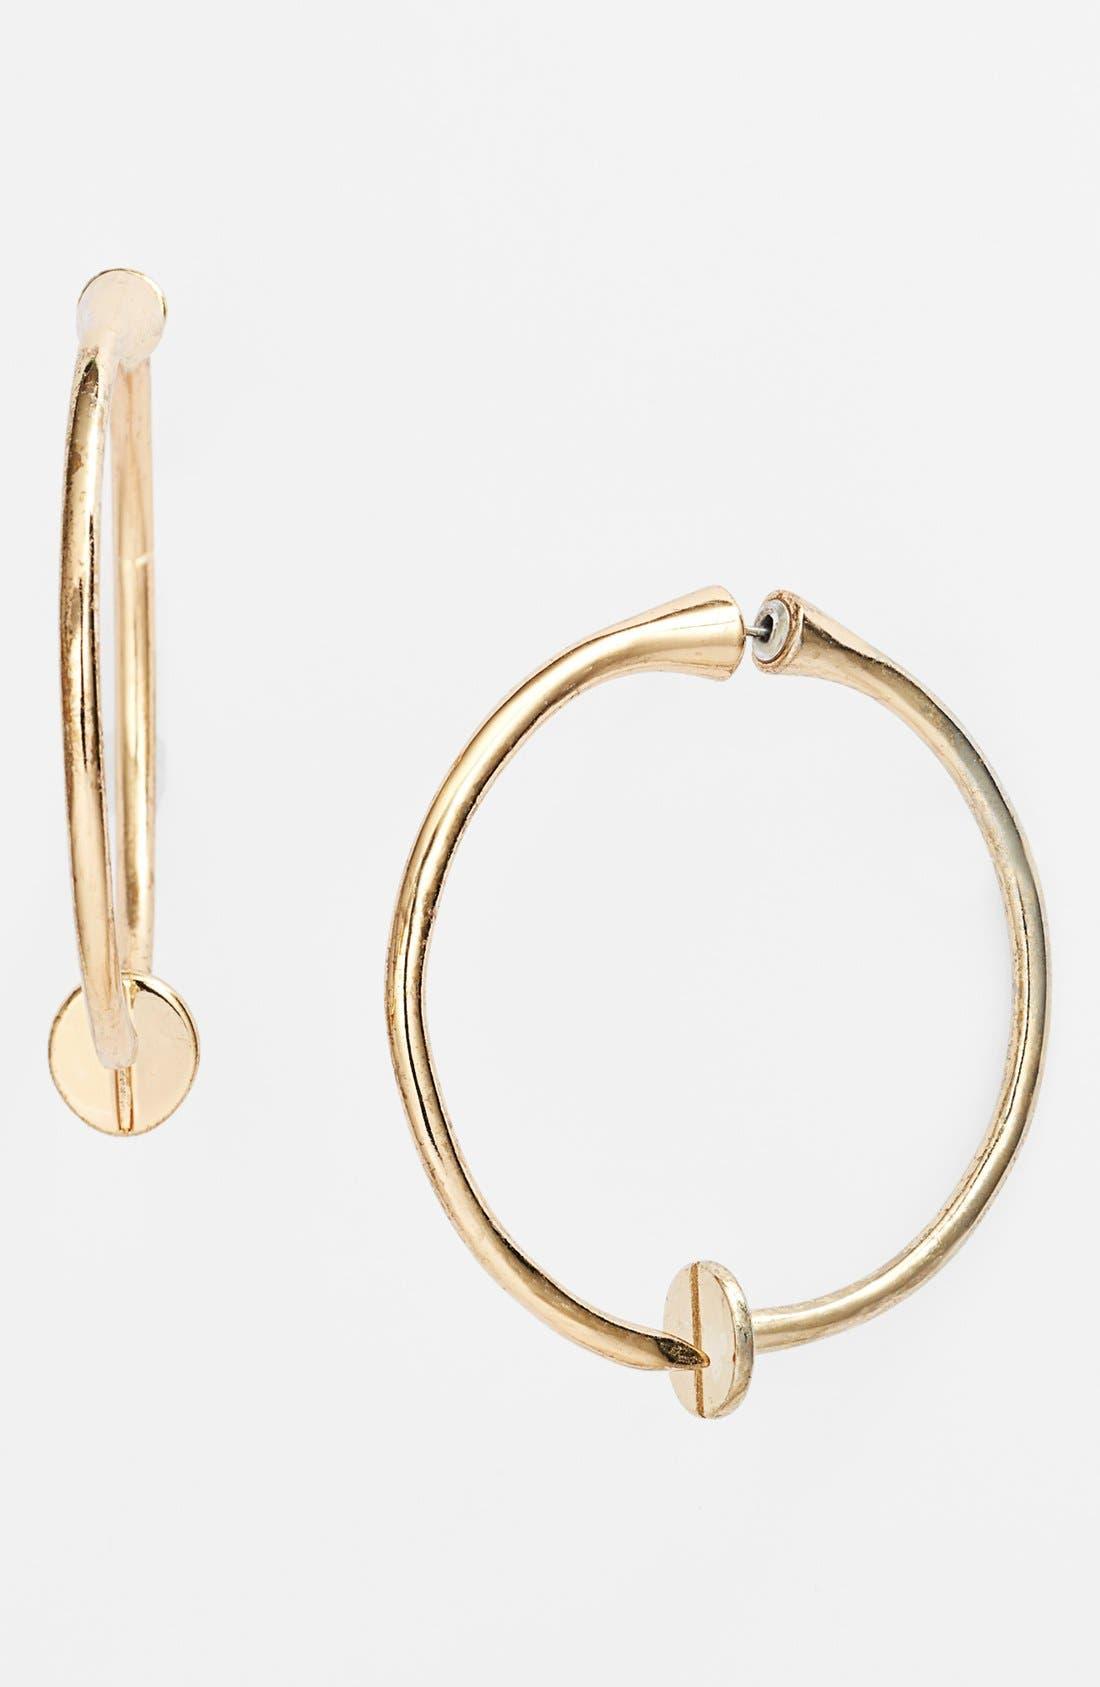 Alternate Image 1 Selected - Guinevere 'Bind' Hoop Earrings